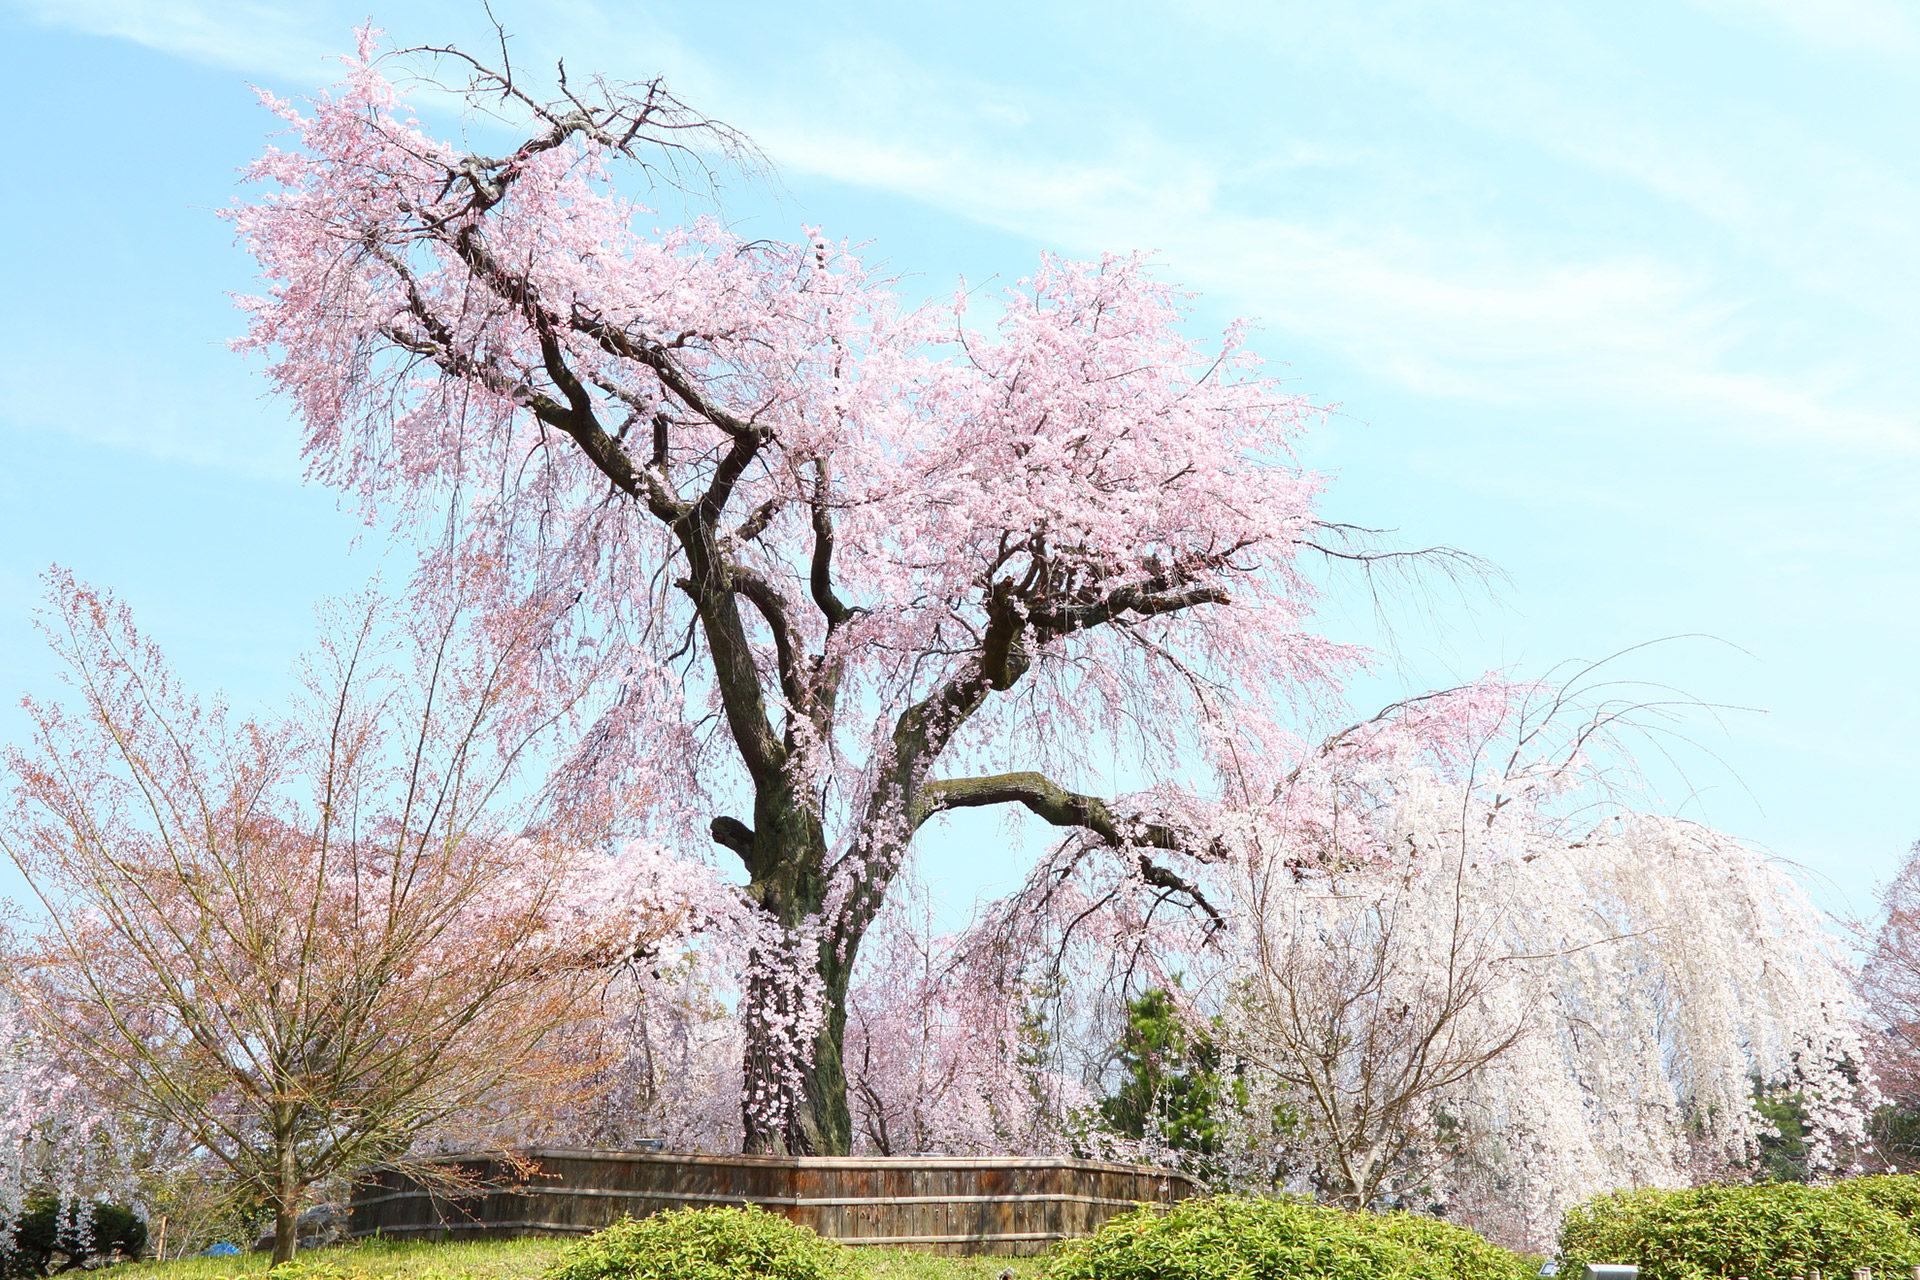 京都-丸山公園-桜